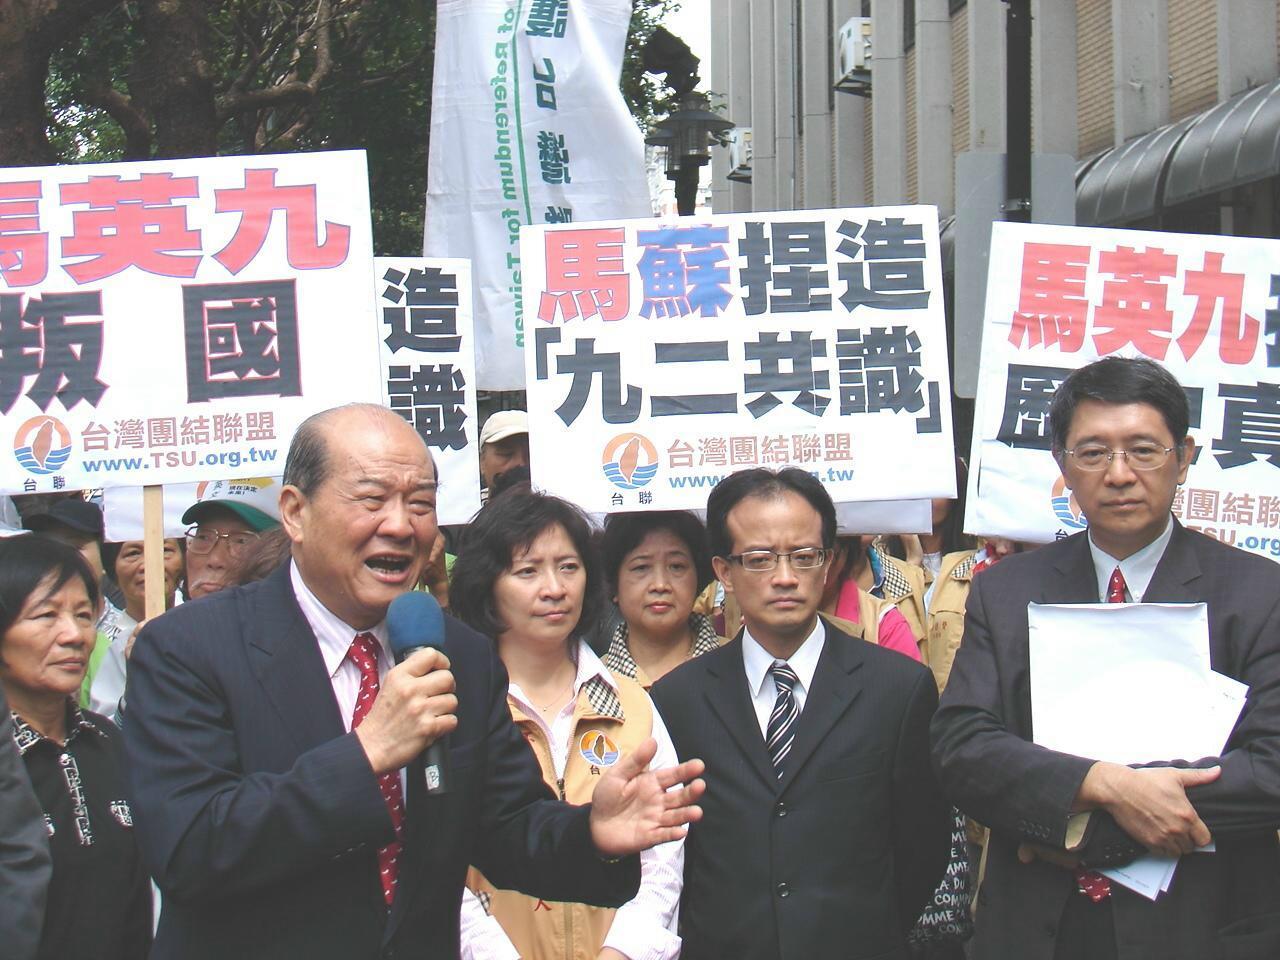 台聯黨主席黃昆輝說,他生平第一次告人,對象竟是他當陸委會主委時的副主委暨現在的馬總統,因為他不想揹黑鍋。(記者Jimi Liao攝影)